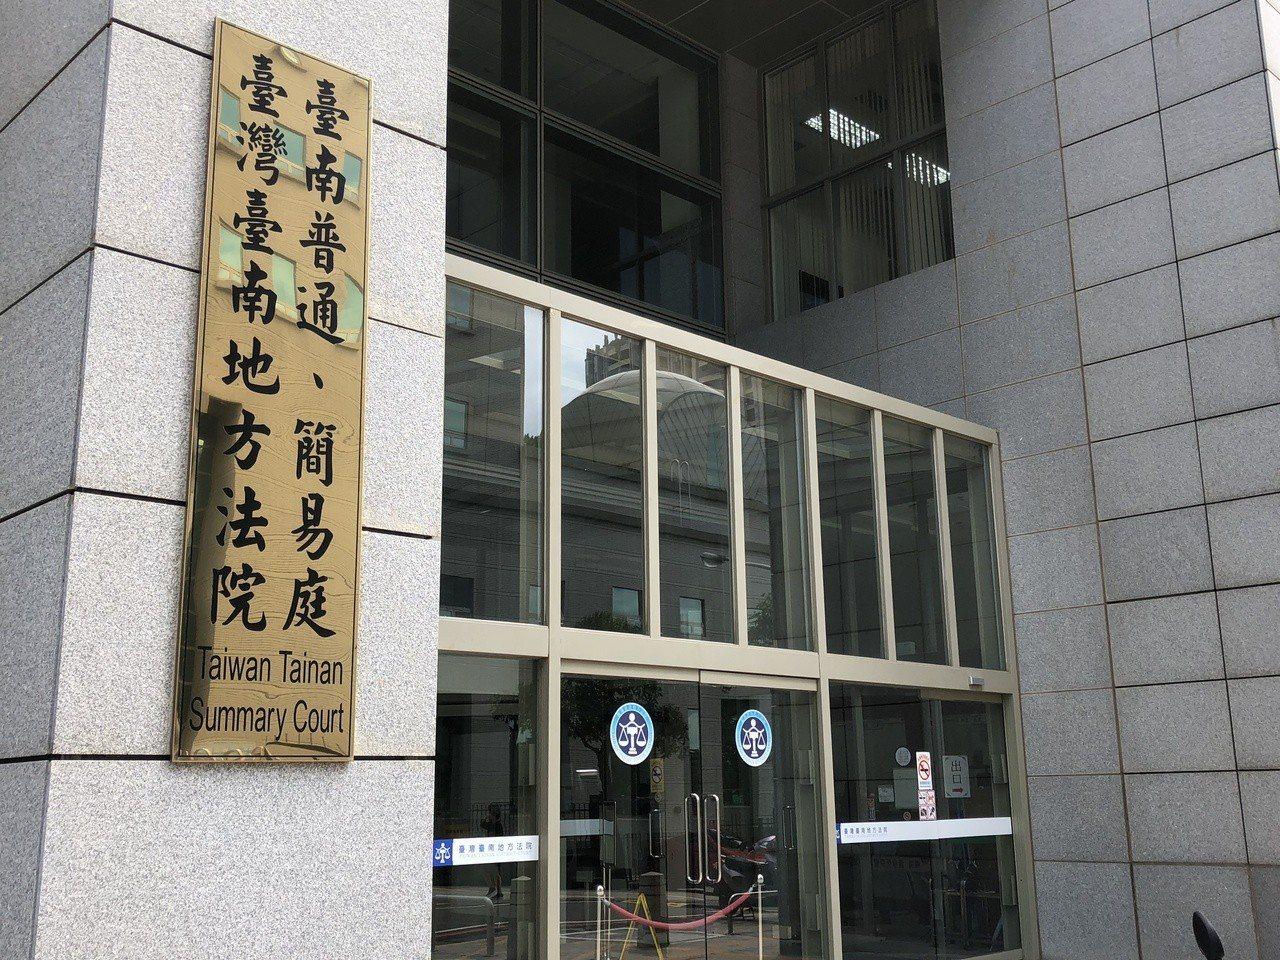 潘姓男子5月間夜闖台南二中教室,偷了學生放在抽屜內皮包中的1400元,台南地院認...